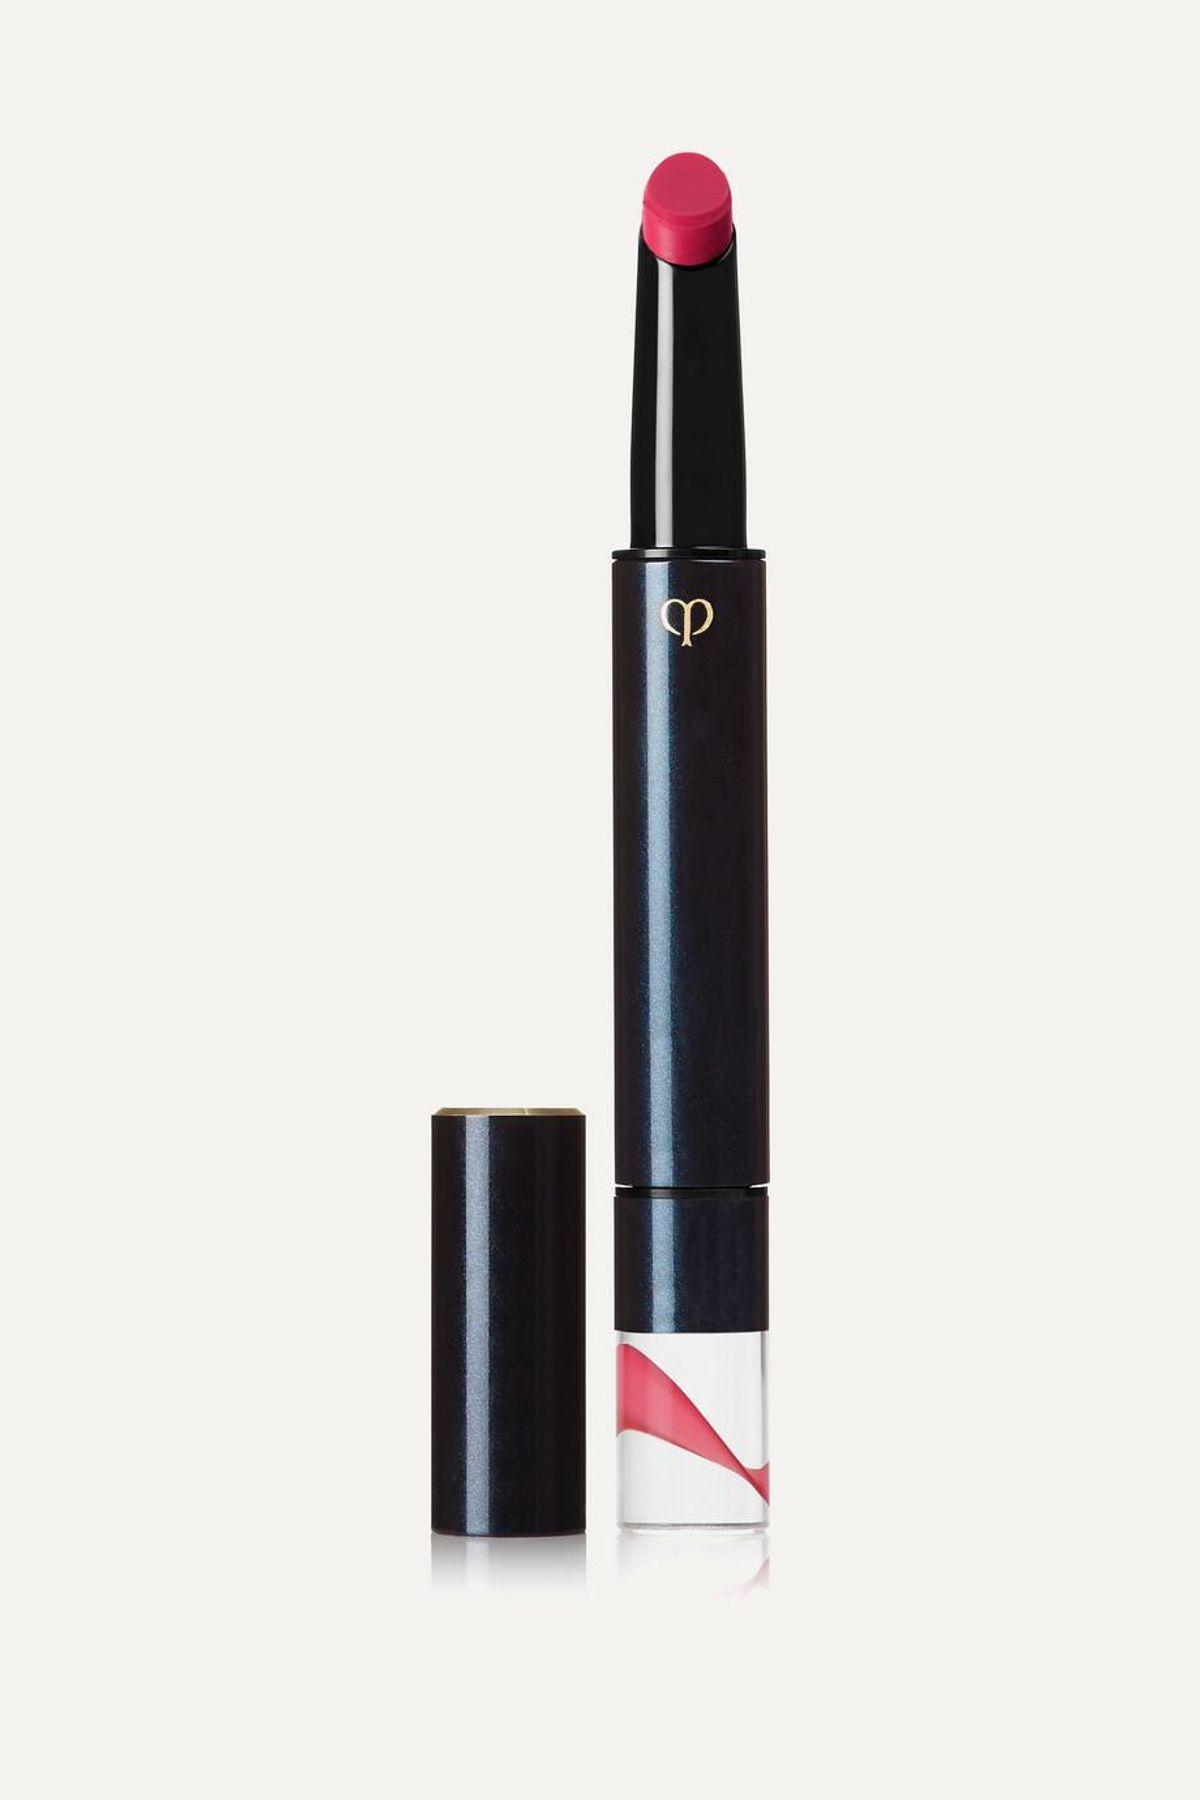 cle de peau beaute refined lip luminizer in cute kiss 9